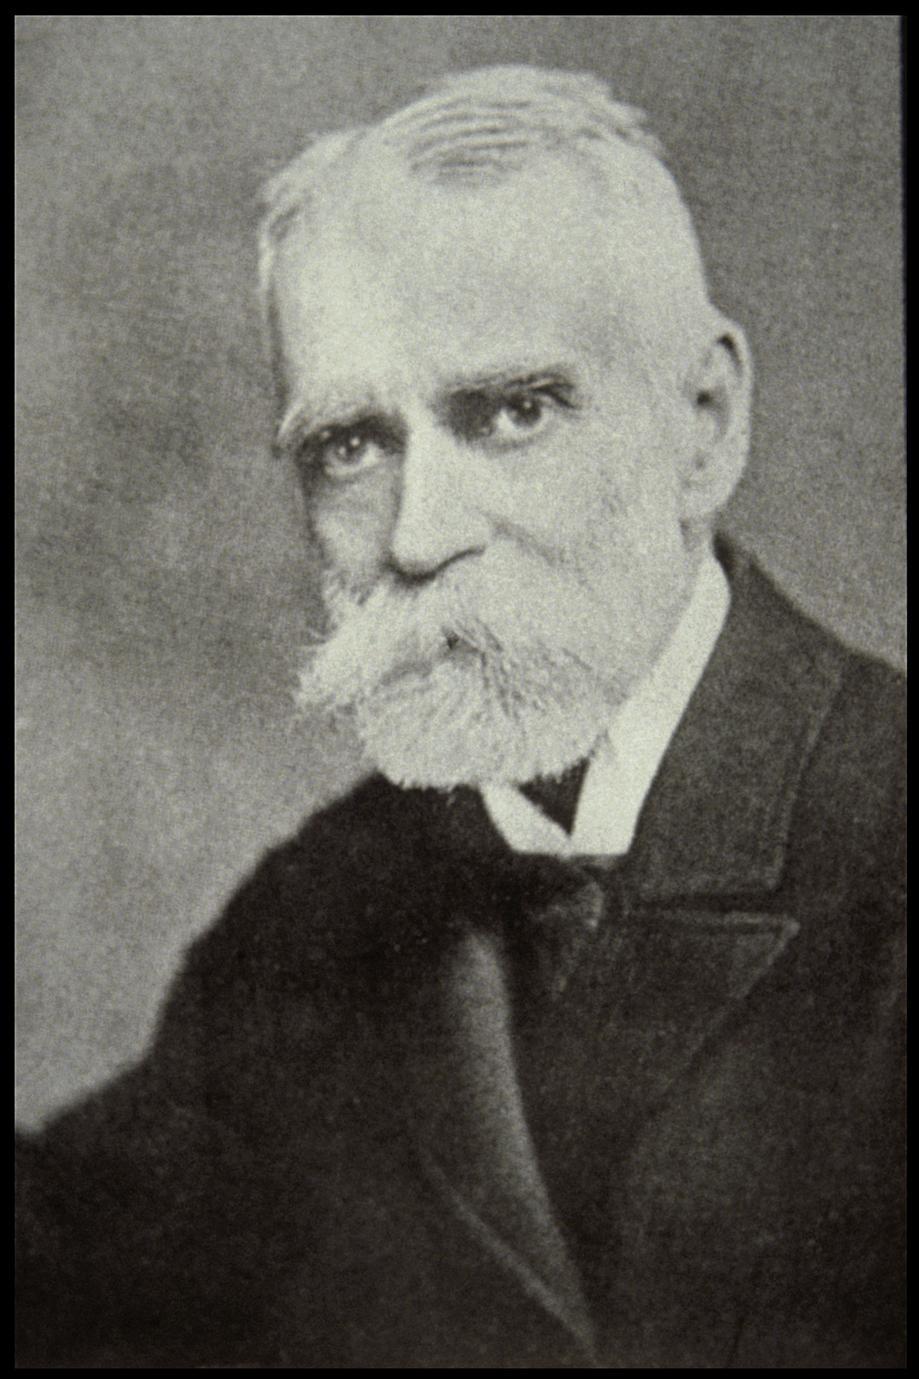 Green, Samuel Swett